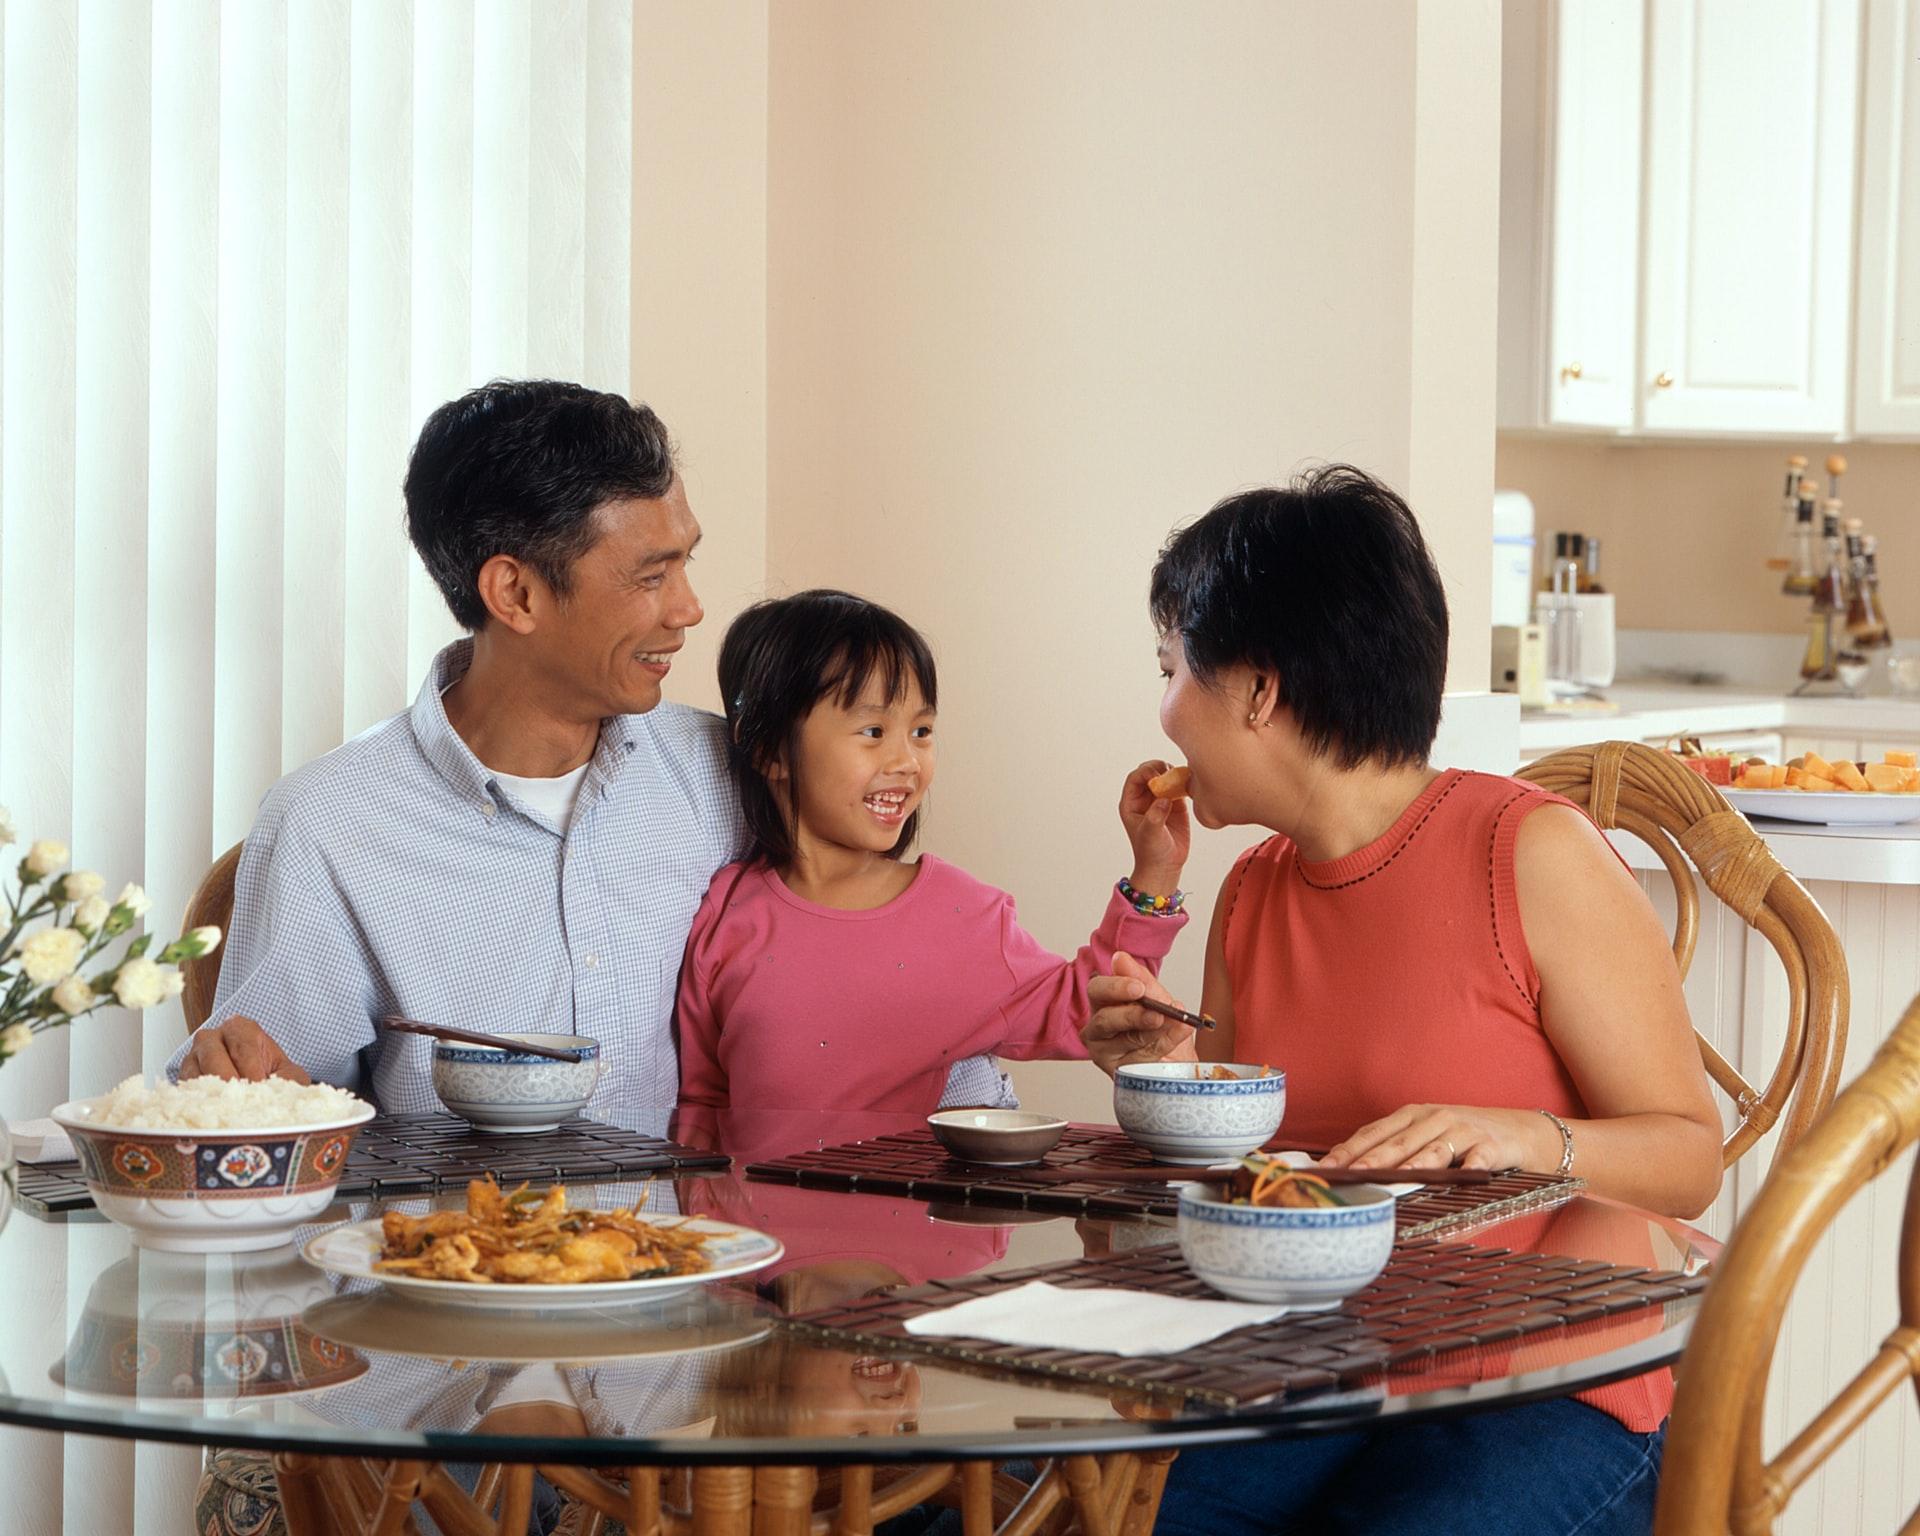 Na foto uma família sentada em uma sala de jantar.